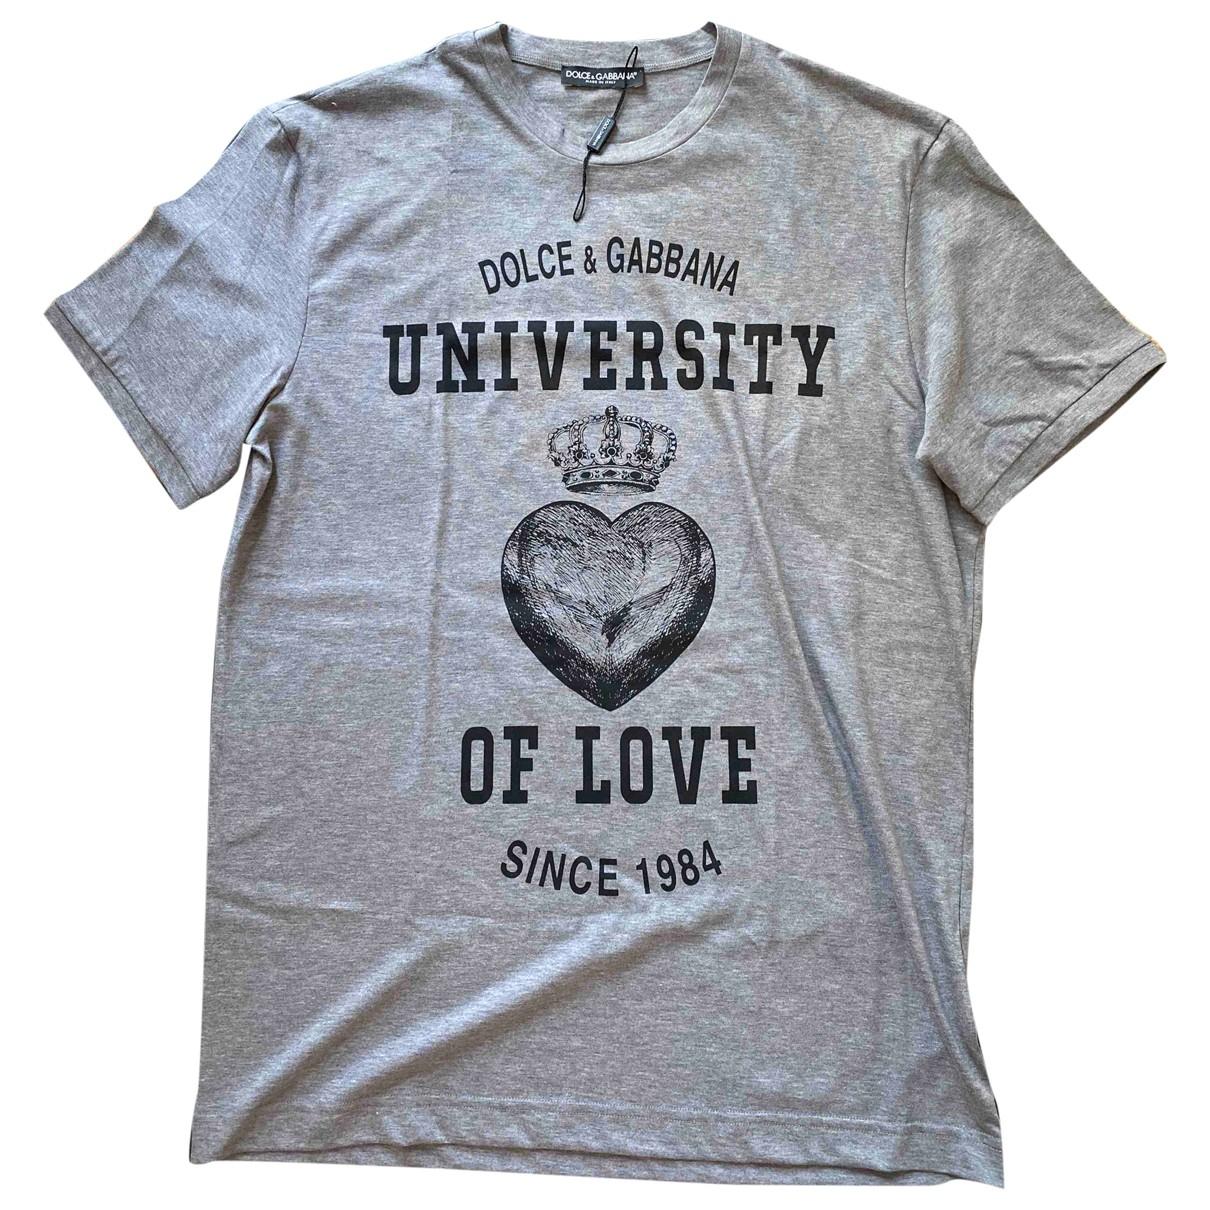 Dolce & Gabbana - Tee shirts   pour homme en coton - multicolore